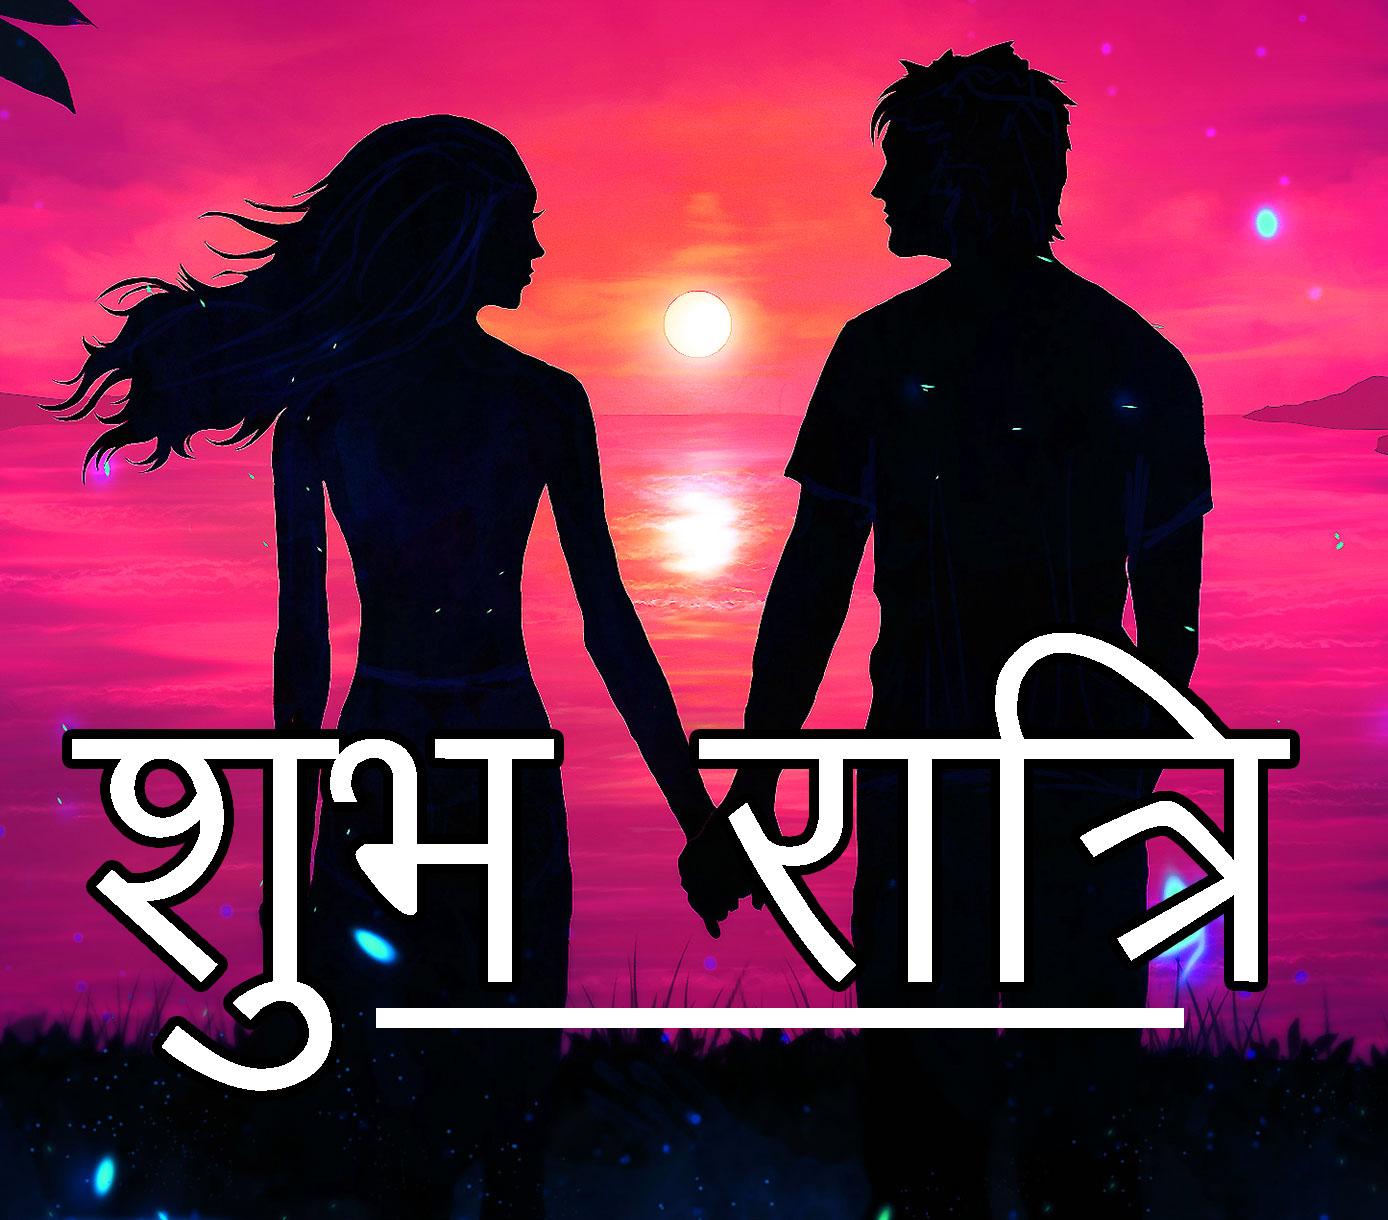 Shubh Ratri Wallpaper 41